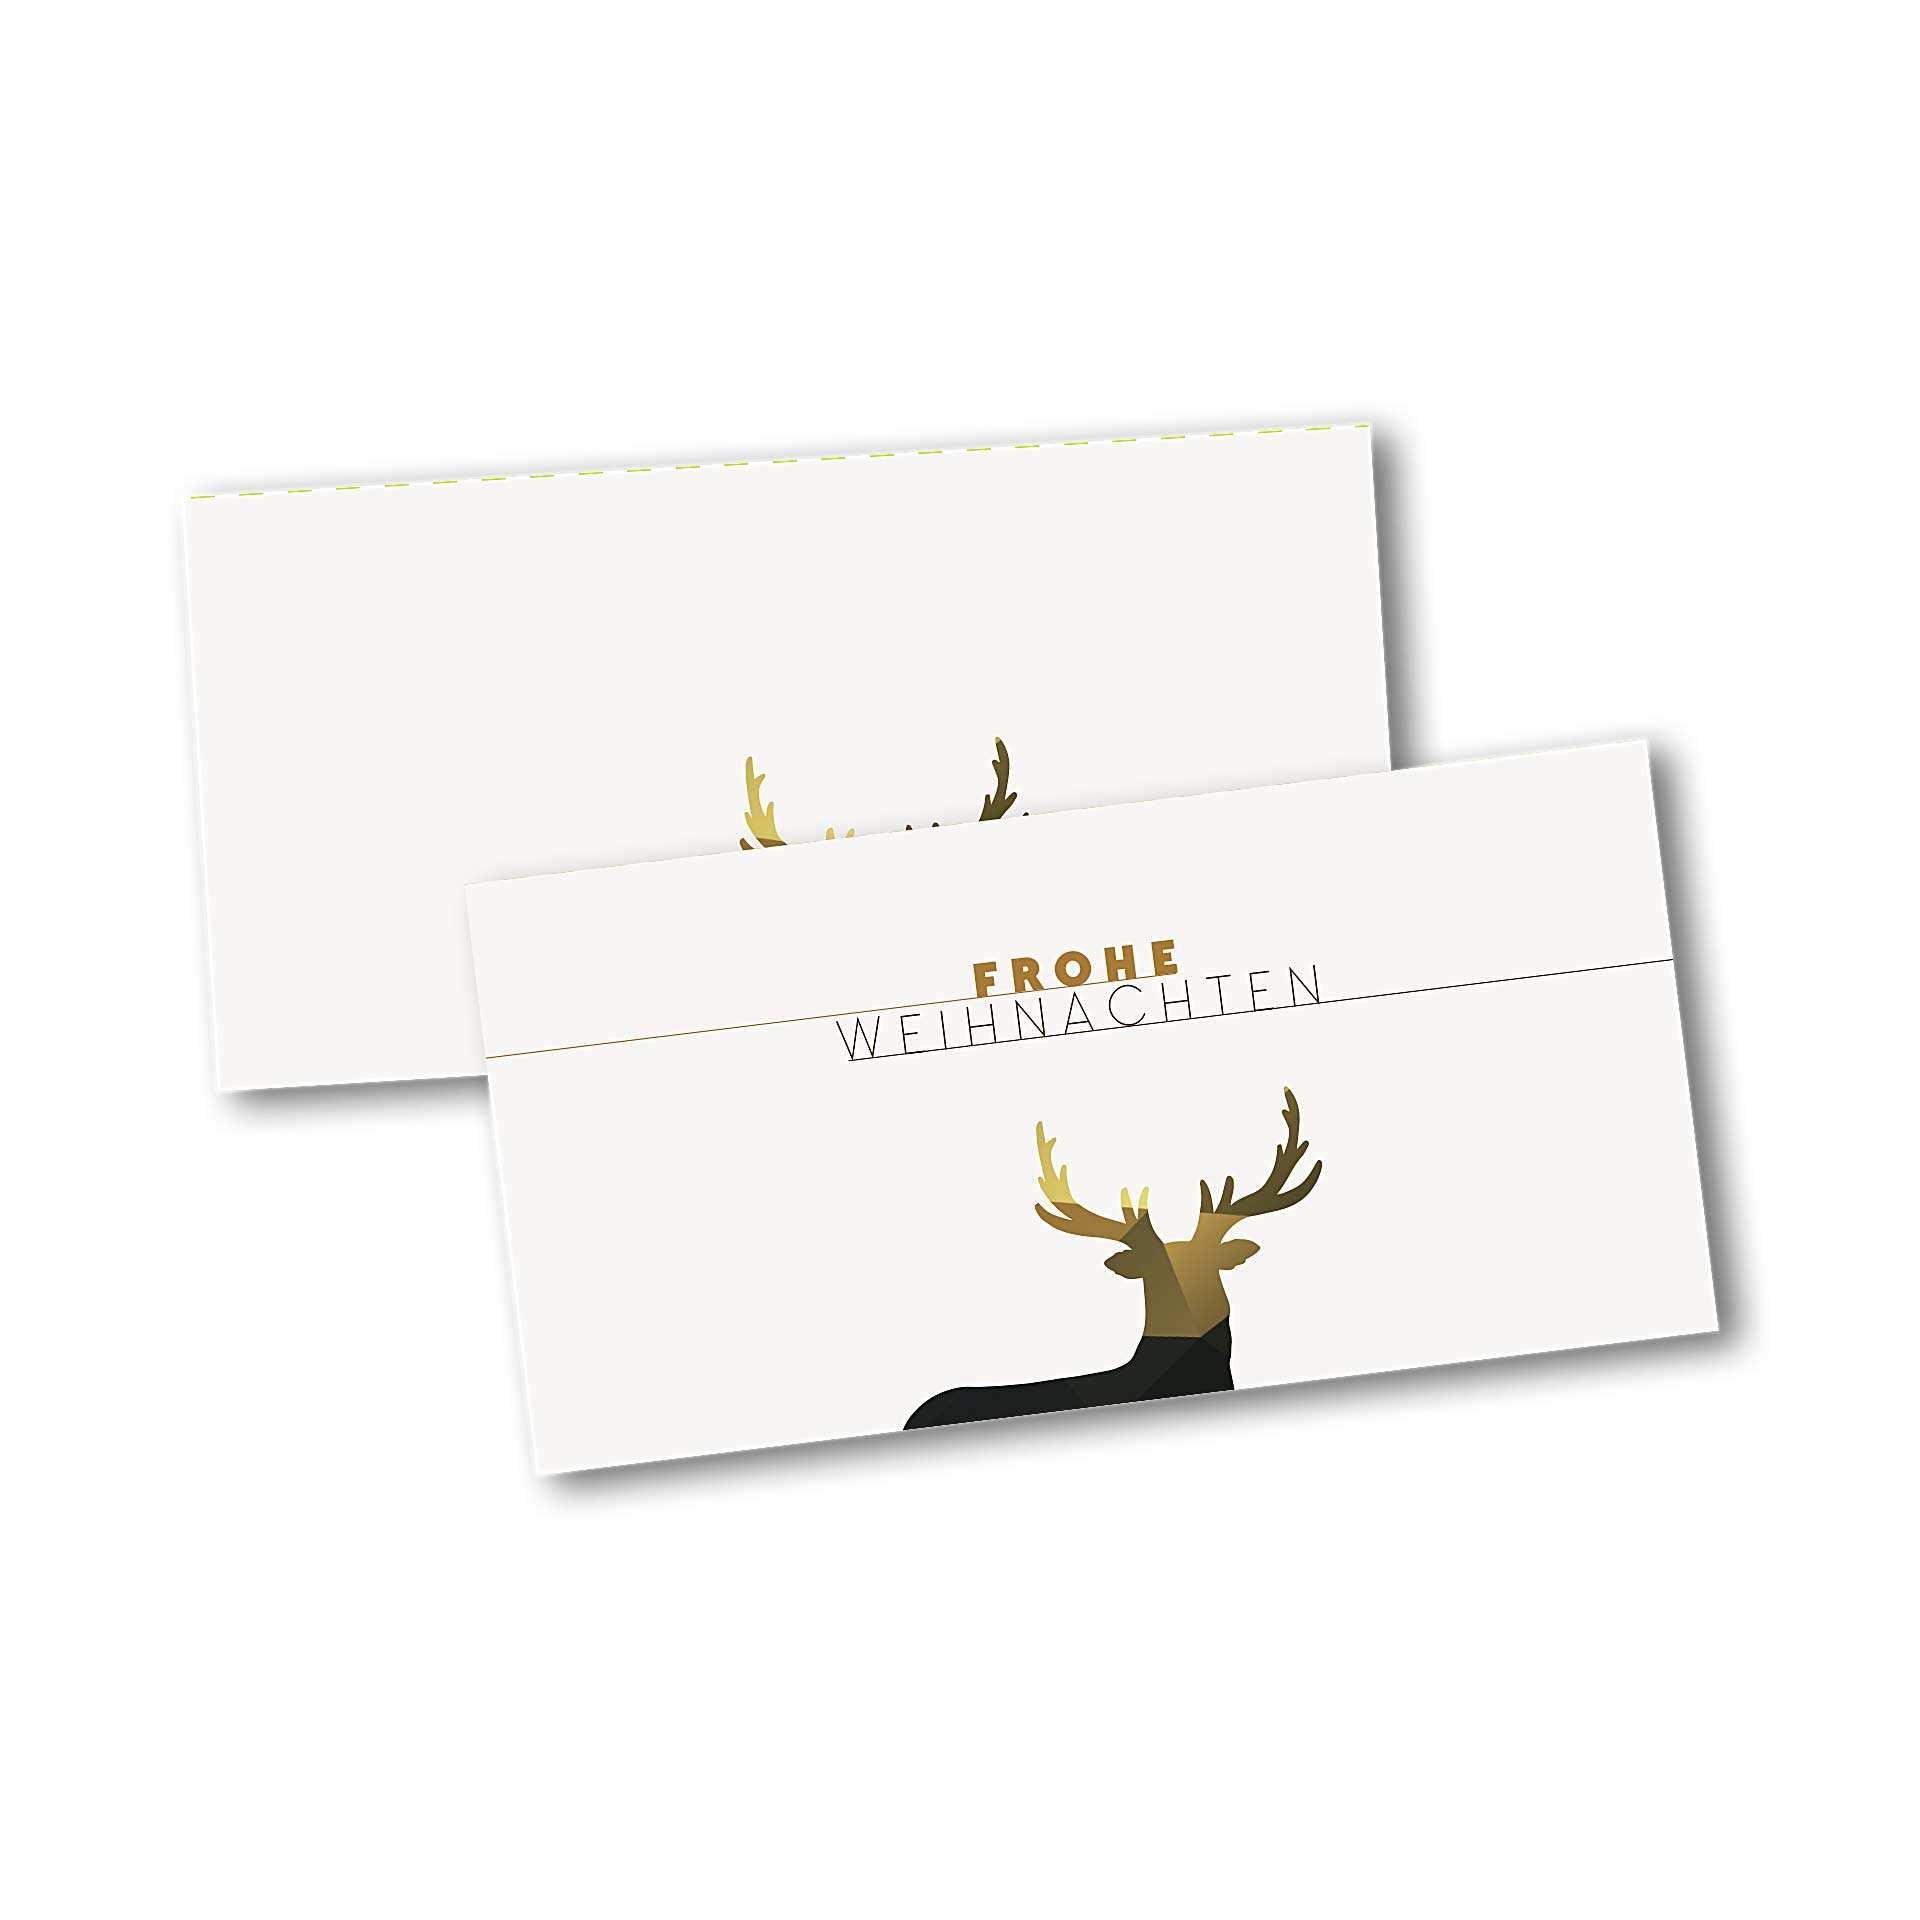 Weihnachtskarten Muster.Weihnachtskarten 4 Seiter Din Lang Querformat Mit Kopffalz Kartendesign Dezente Weihnachten Mit Muster